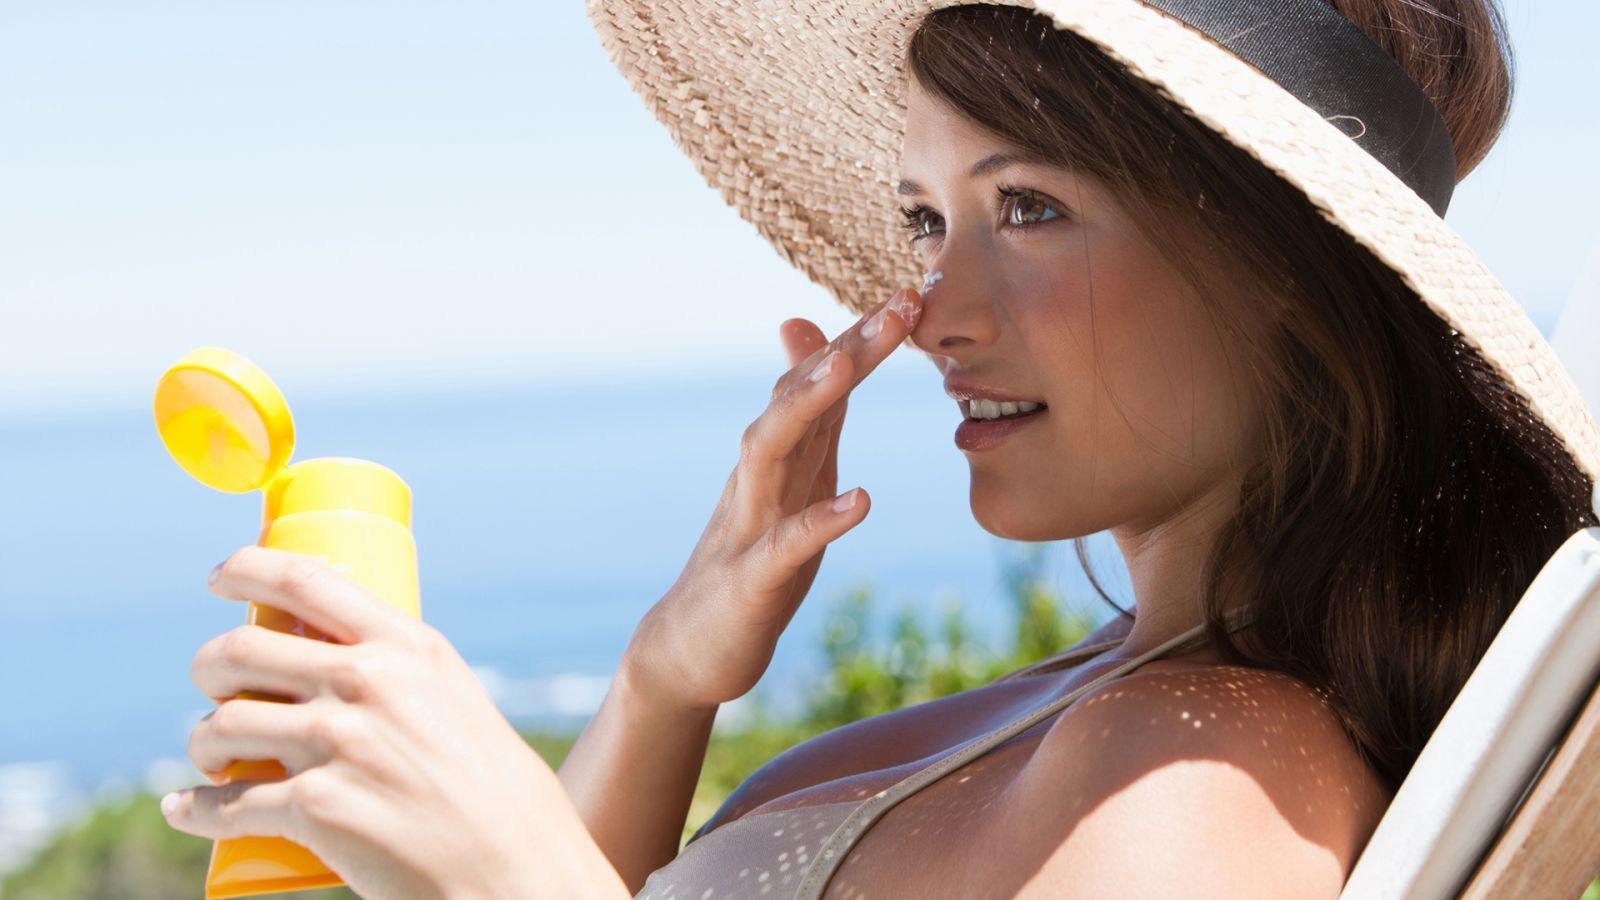 chon kem chong nang cho da mun 1 - Cách chọn kem chống nắng bảo vệ da khỏi tia UVA và UVB